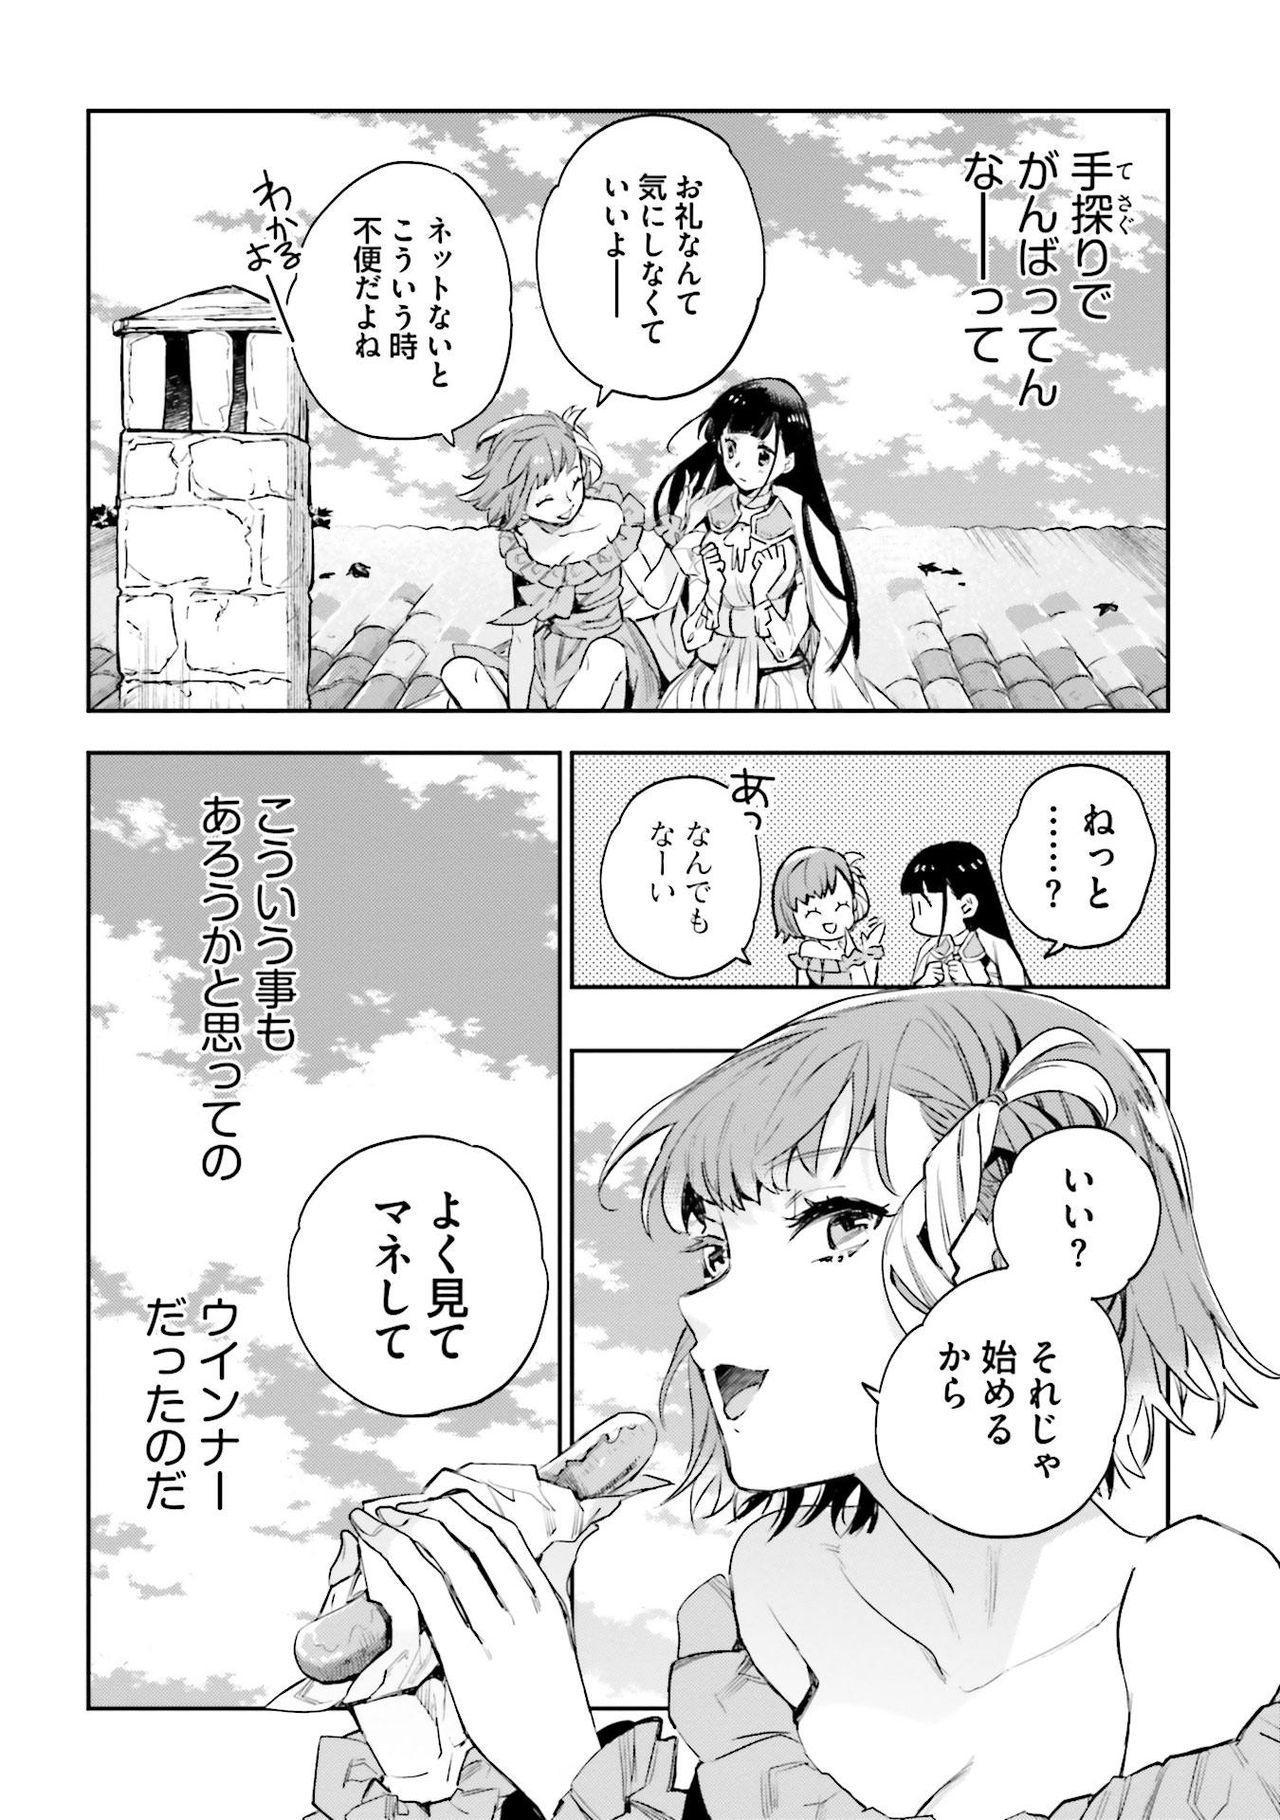 JK Haru wa Isekai de Shoufu ni Natta 1-14 521